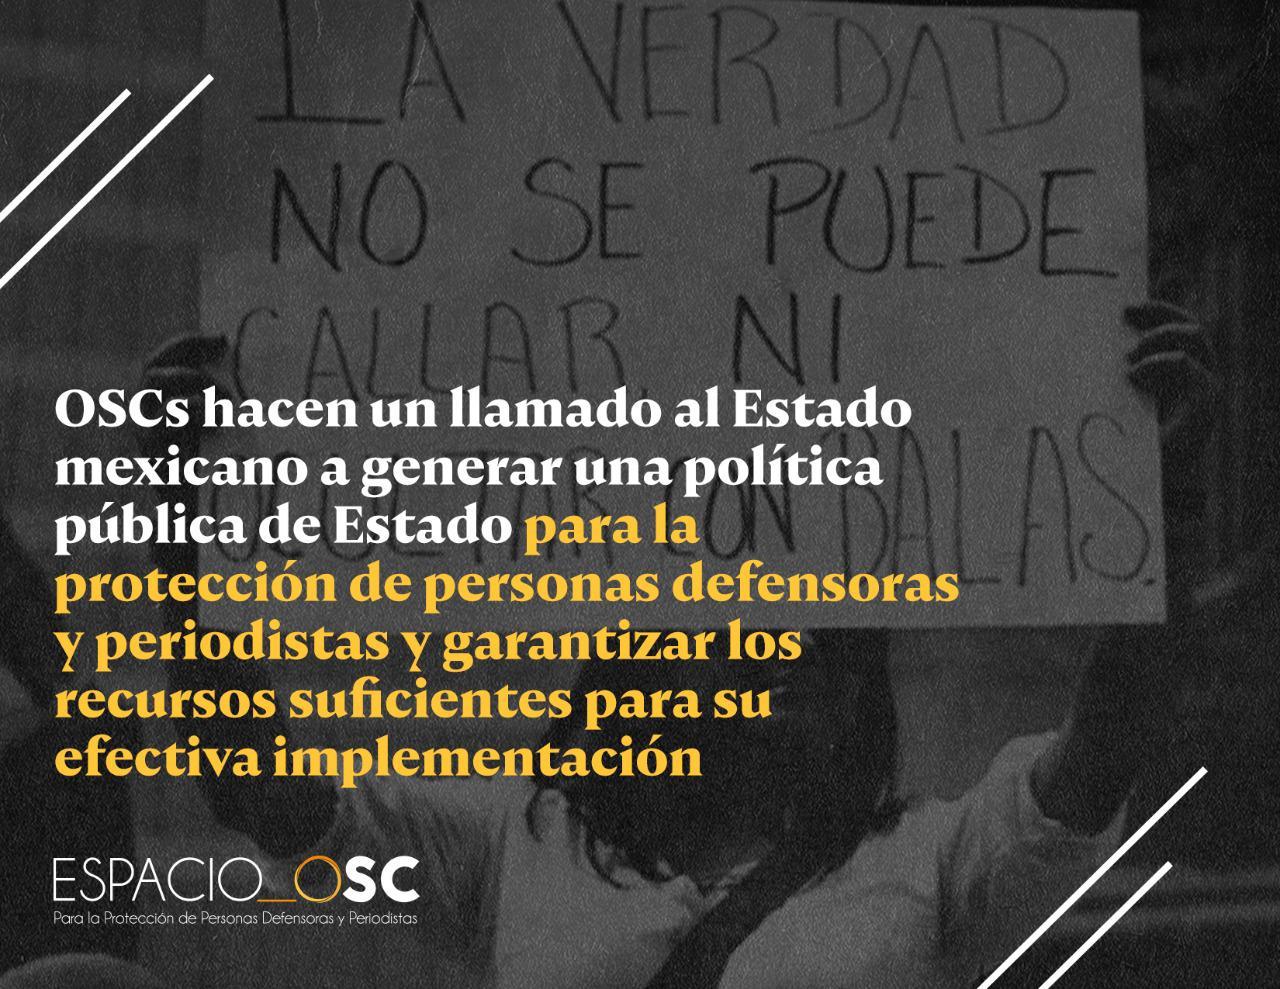 OSCs hacen un llamado al Estado mexicano a generar una política pública de Estado para la protección de personas defensoras y periodistas y garantizar los recursos suficientes para su efectiva implementación